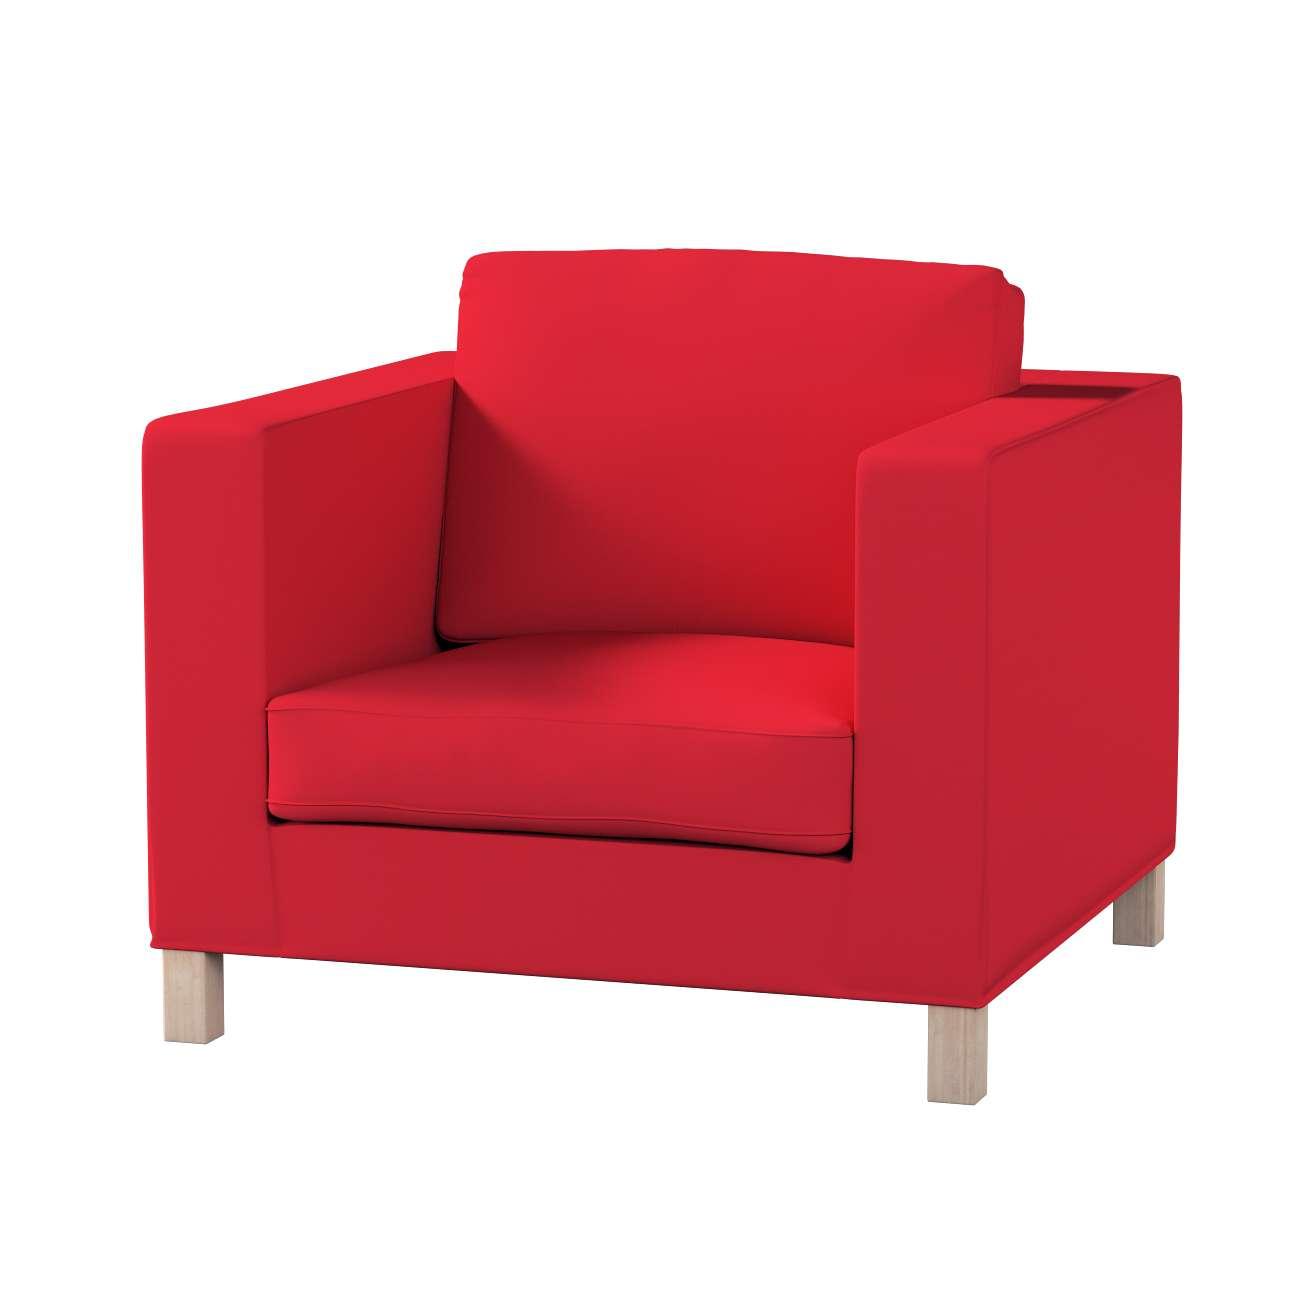 KARLANDA fotelio užvalkalas KARLANDA fotelio užvalkalas kolekcijoje Cotton Panama, audinys: 702-04